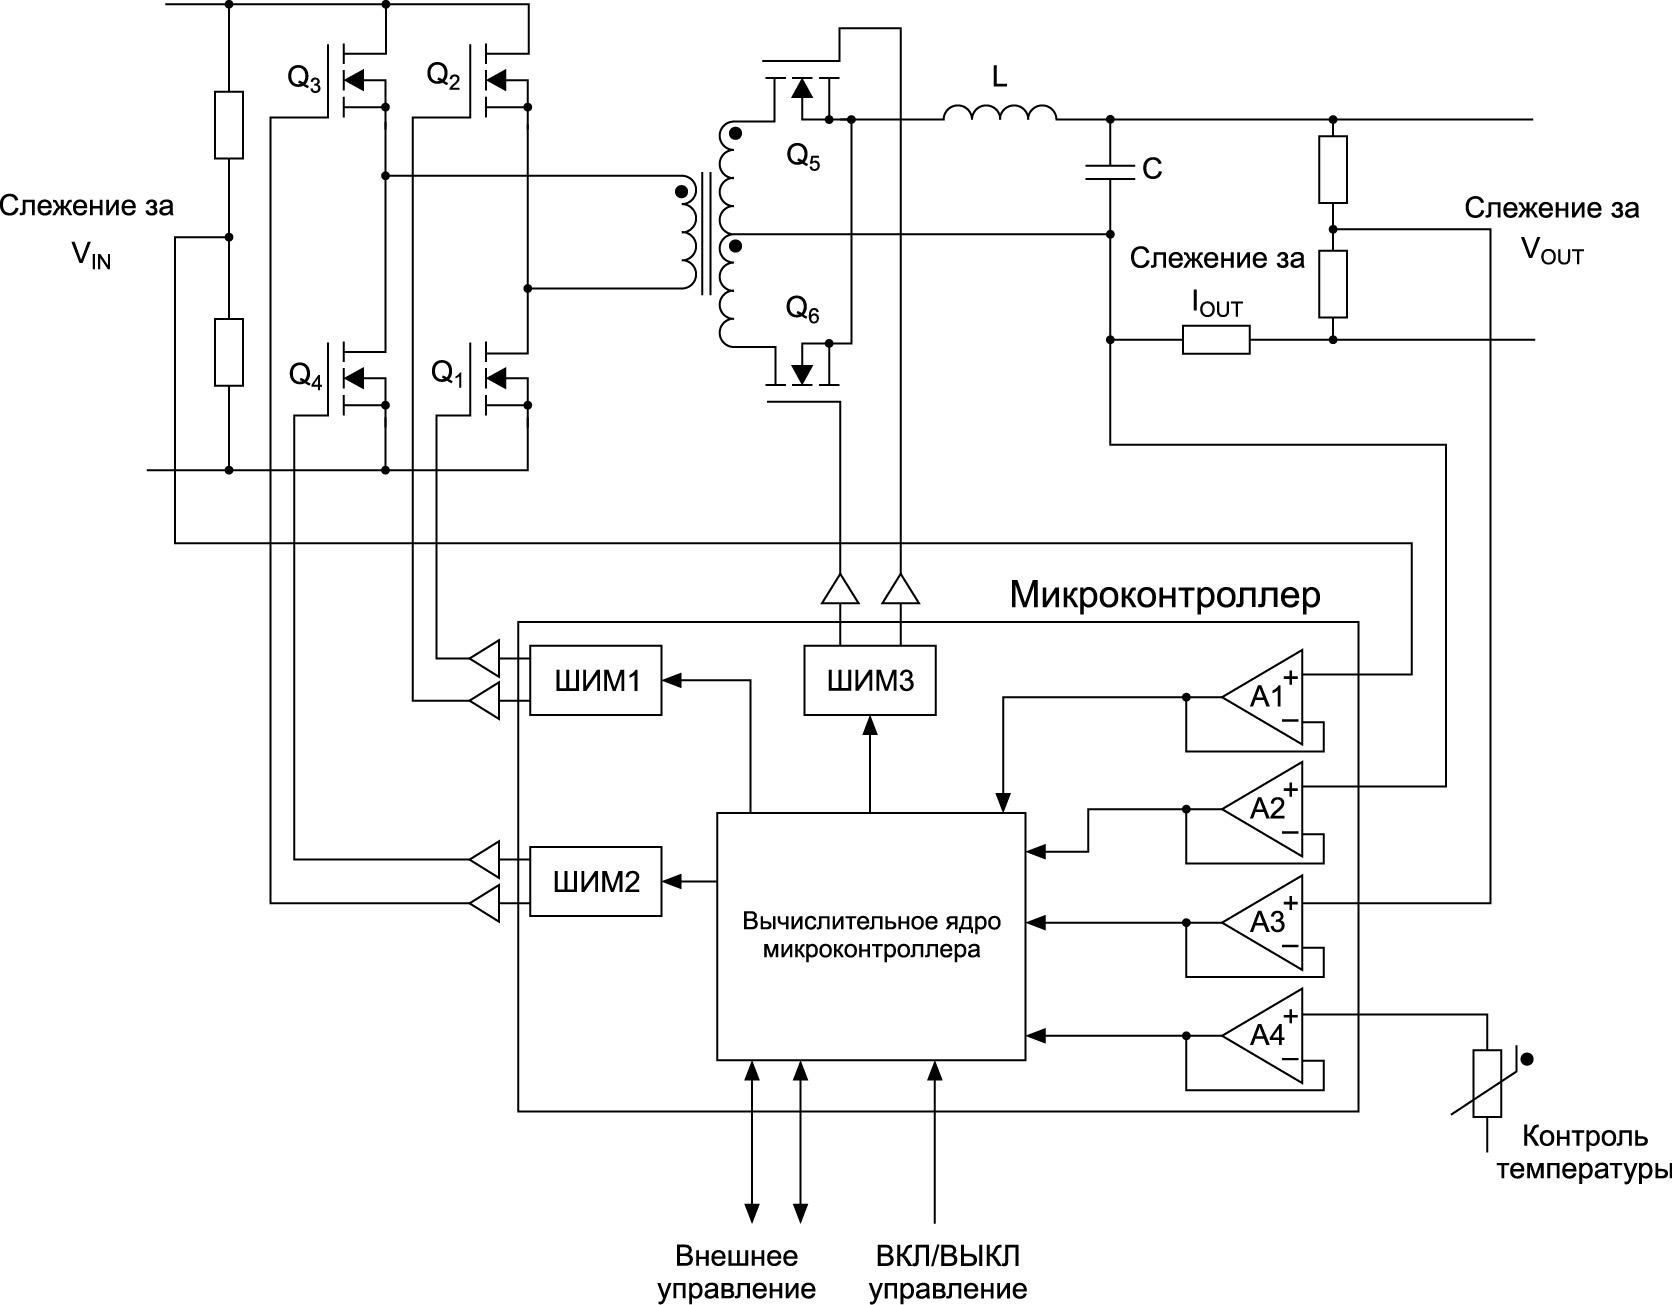 DC/DC-преобразователь с цифровым управлением, выполненный на базе микроконтроллера